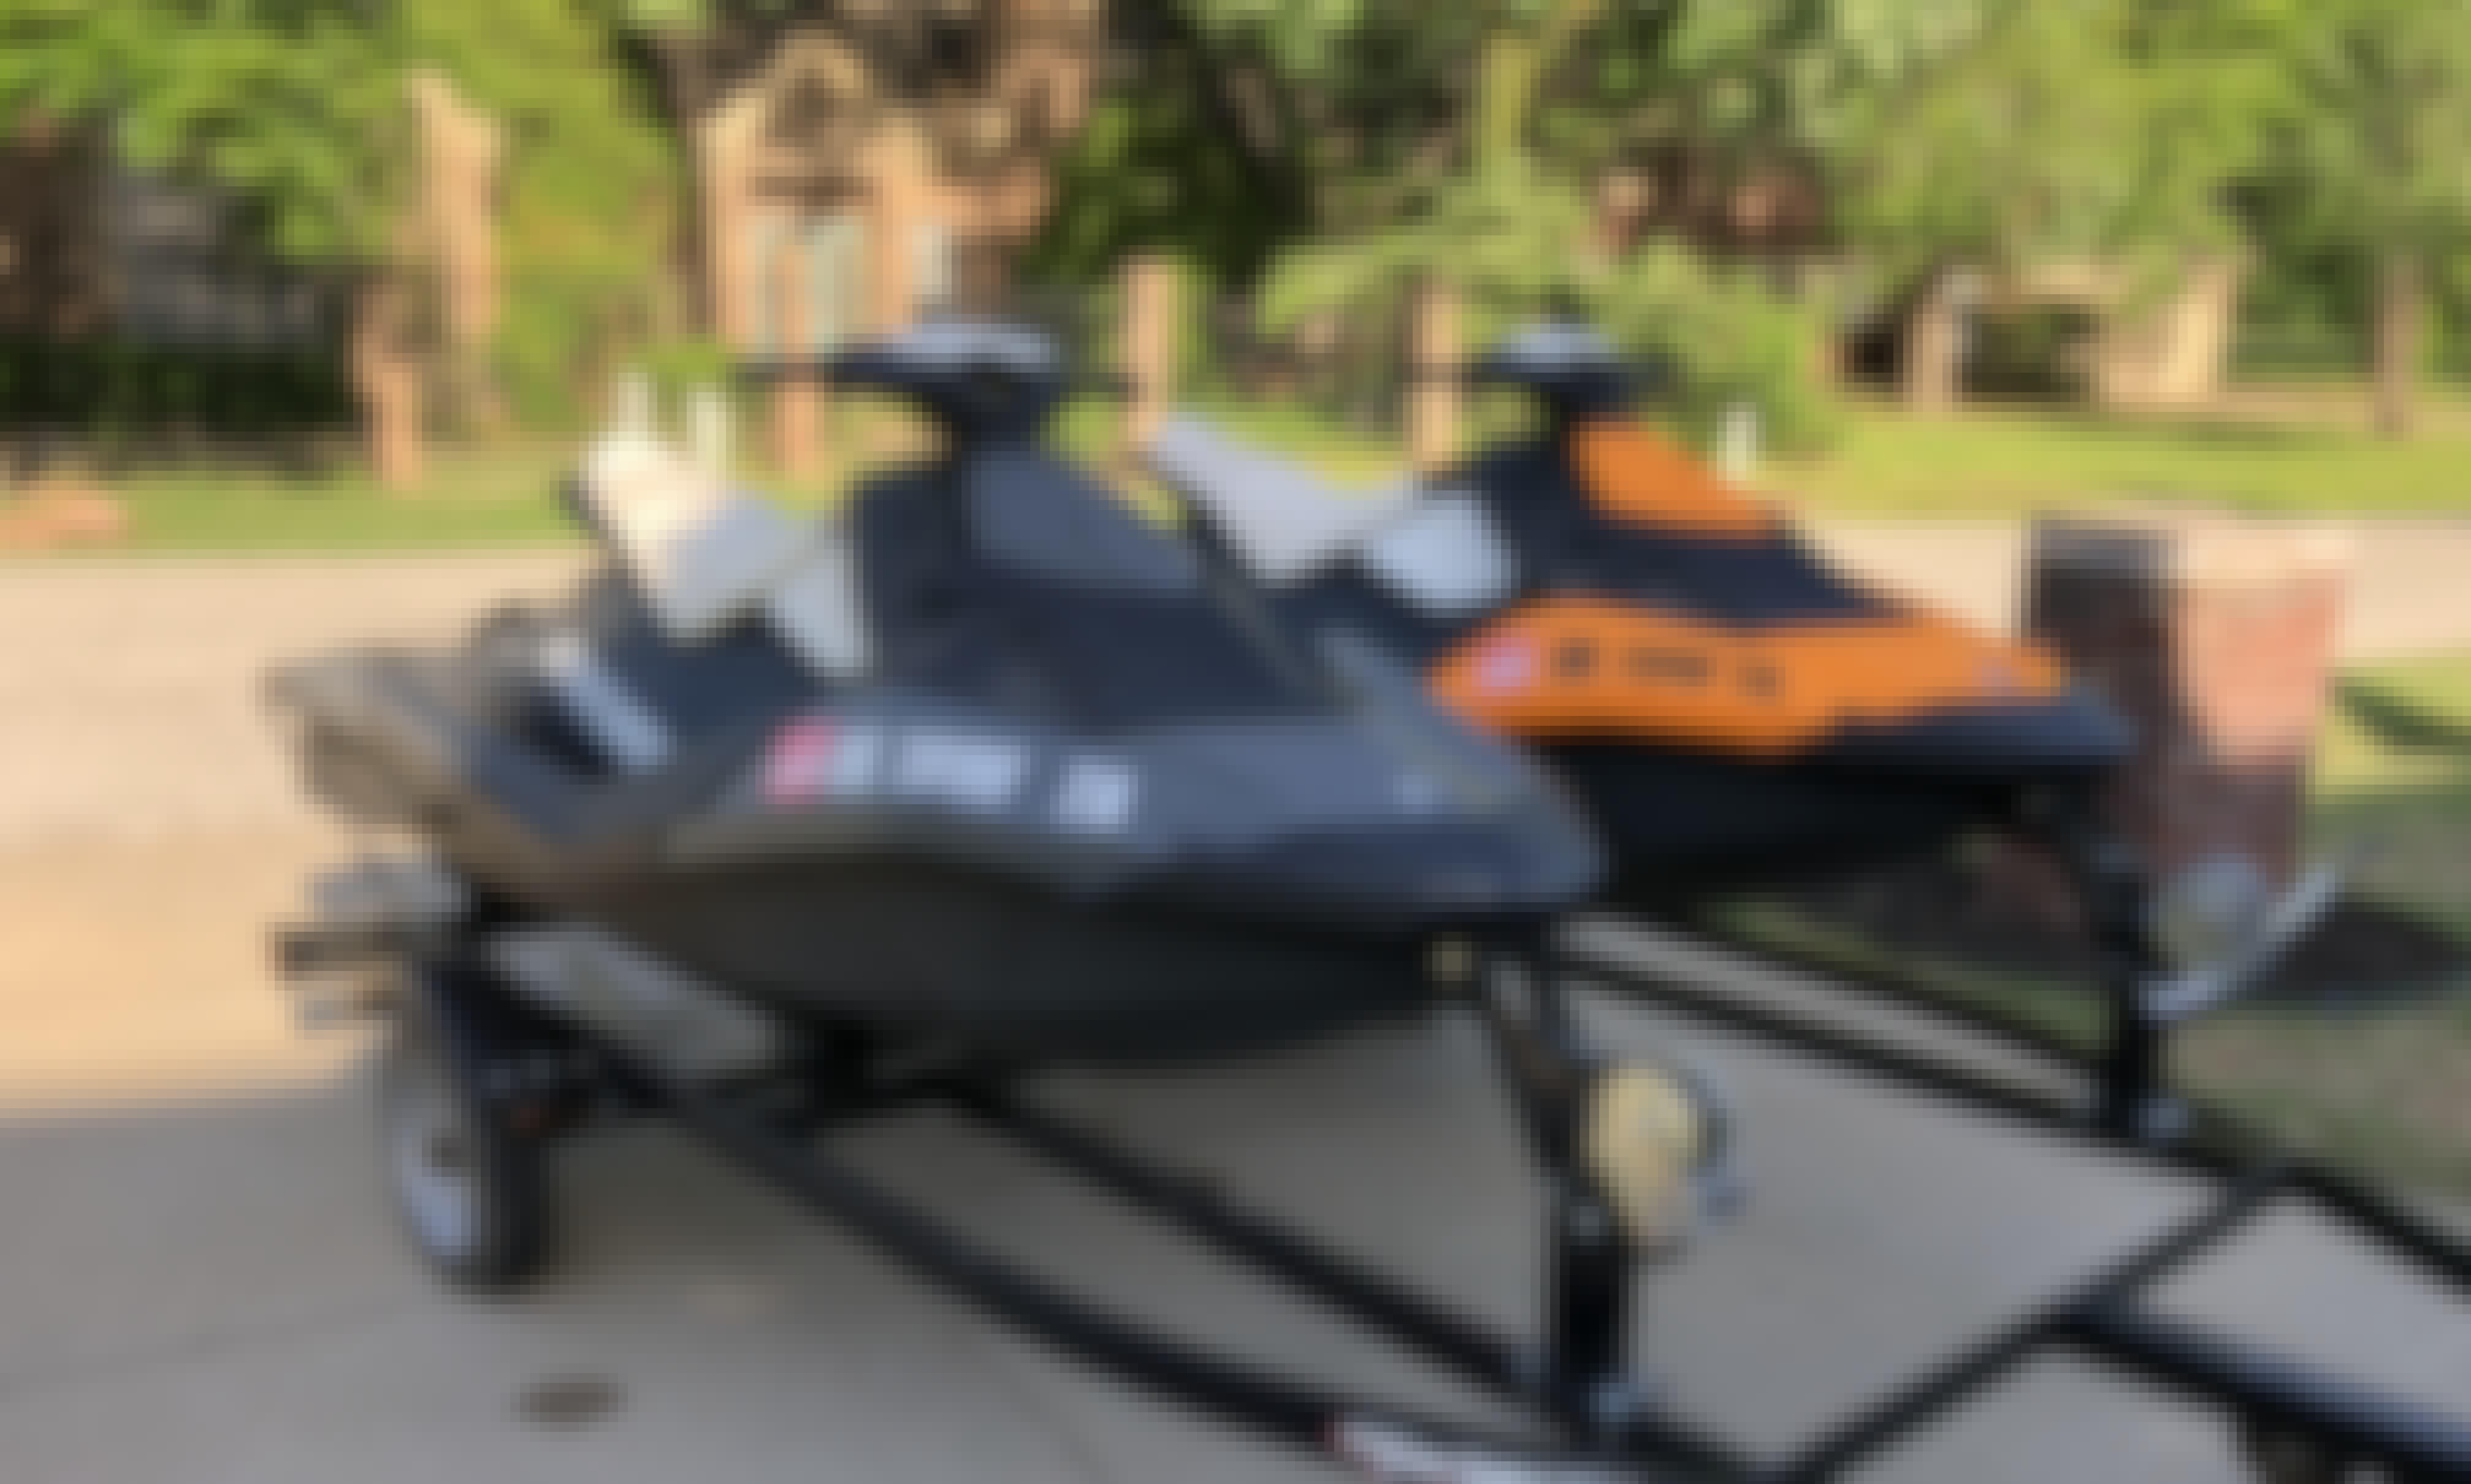 Sea-Doo Spark Jet ski for Rent in Vinita, Oklahoma